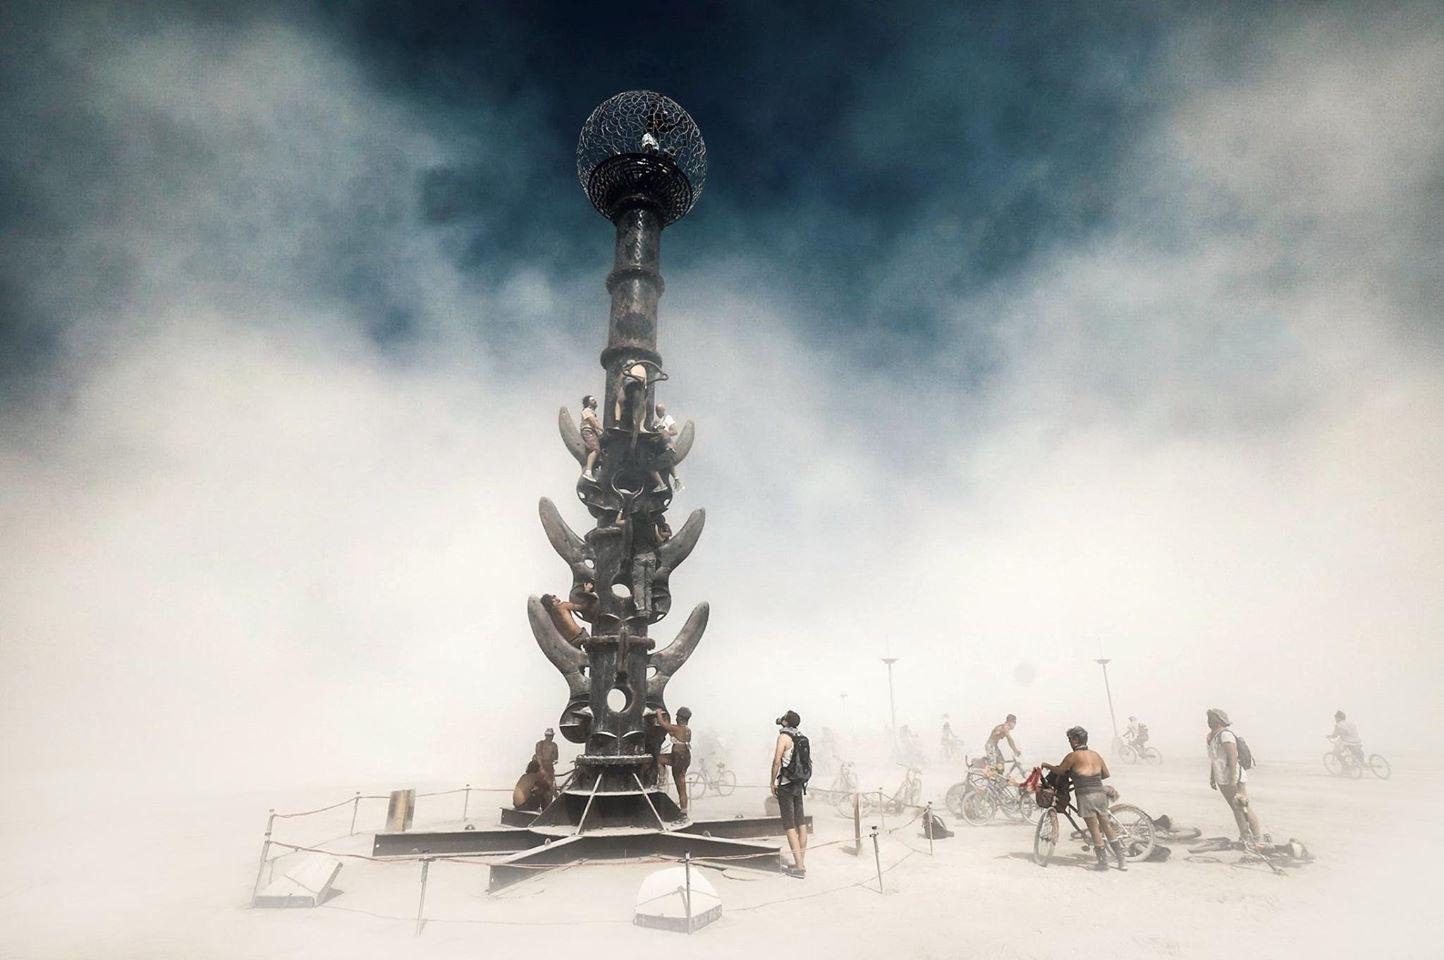 ежегодный сюрреалистический фестиваль «Горящий человек» (Burning Man): столб для лазанья